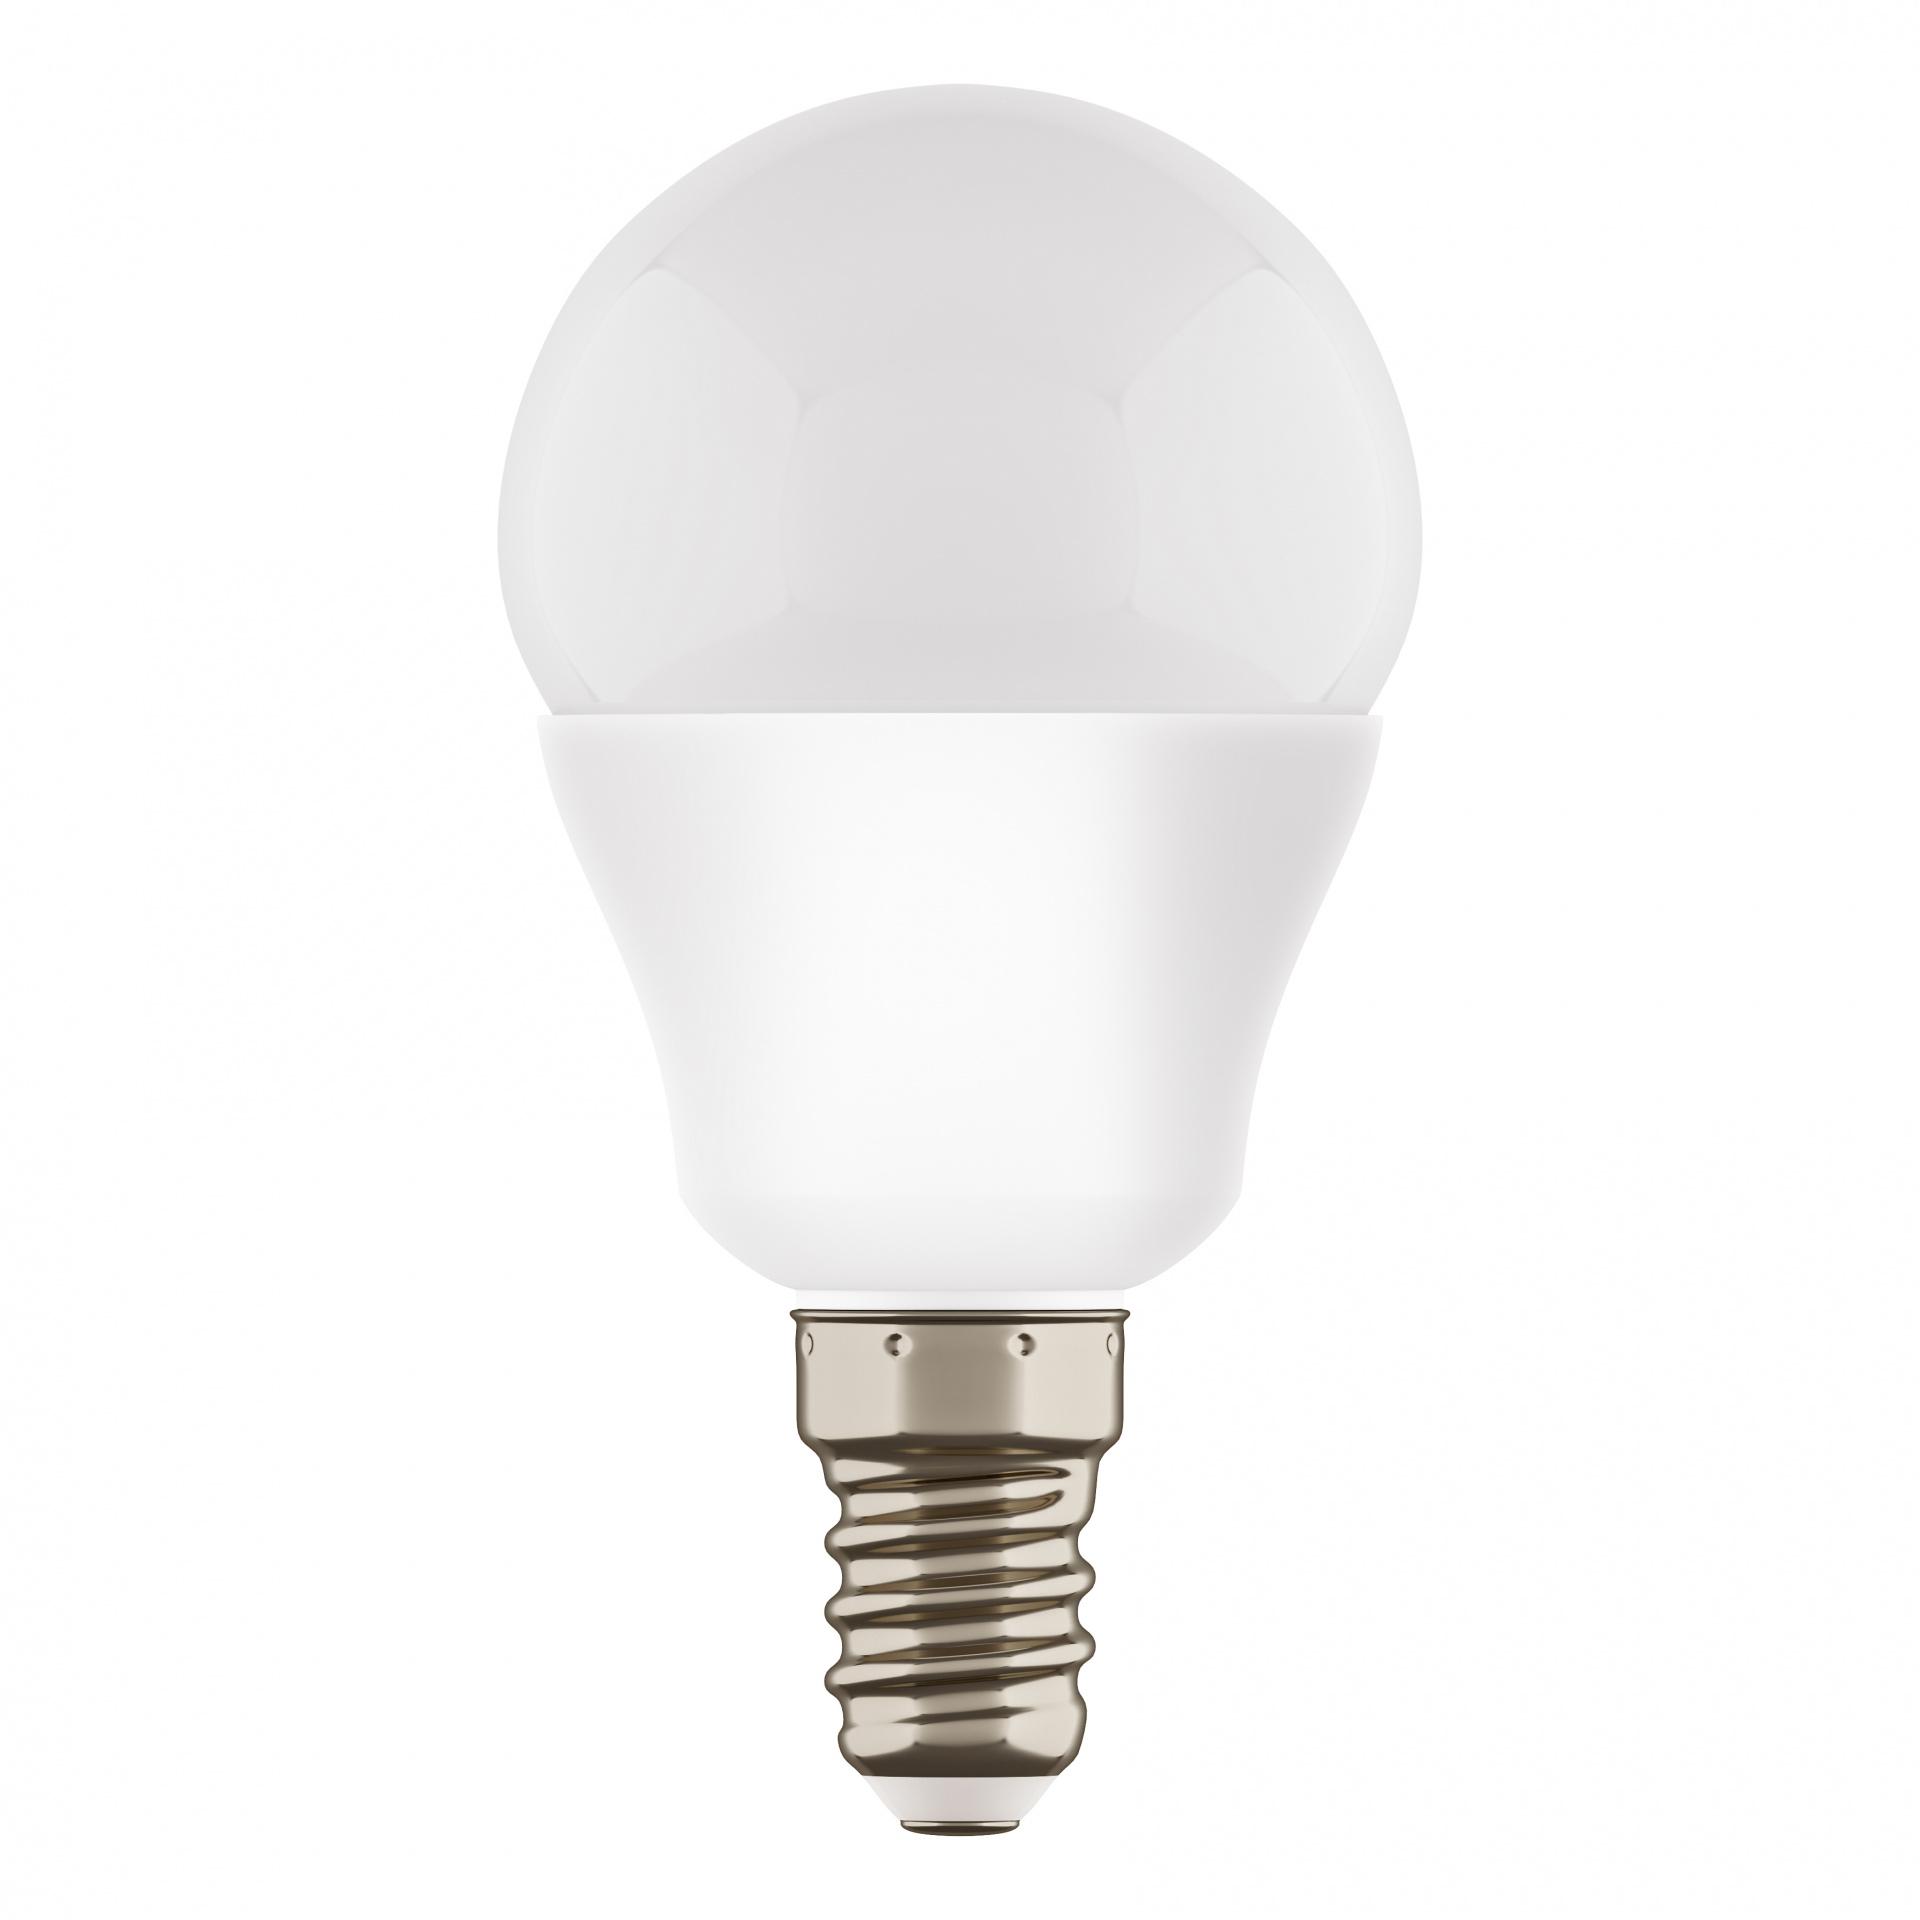 Лампа LED 220V G45 E14 7W=65W 350LM 180G FR 4000K 20000H Lightstar 940804, купить в СПб, Москве, с доставкой, Санкт-Петербург, интернет-магазин люстр и светильников Starlight, фото в жизни